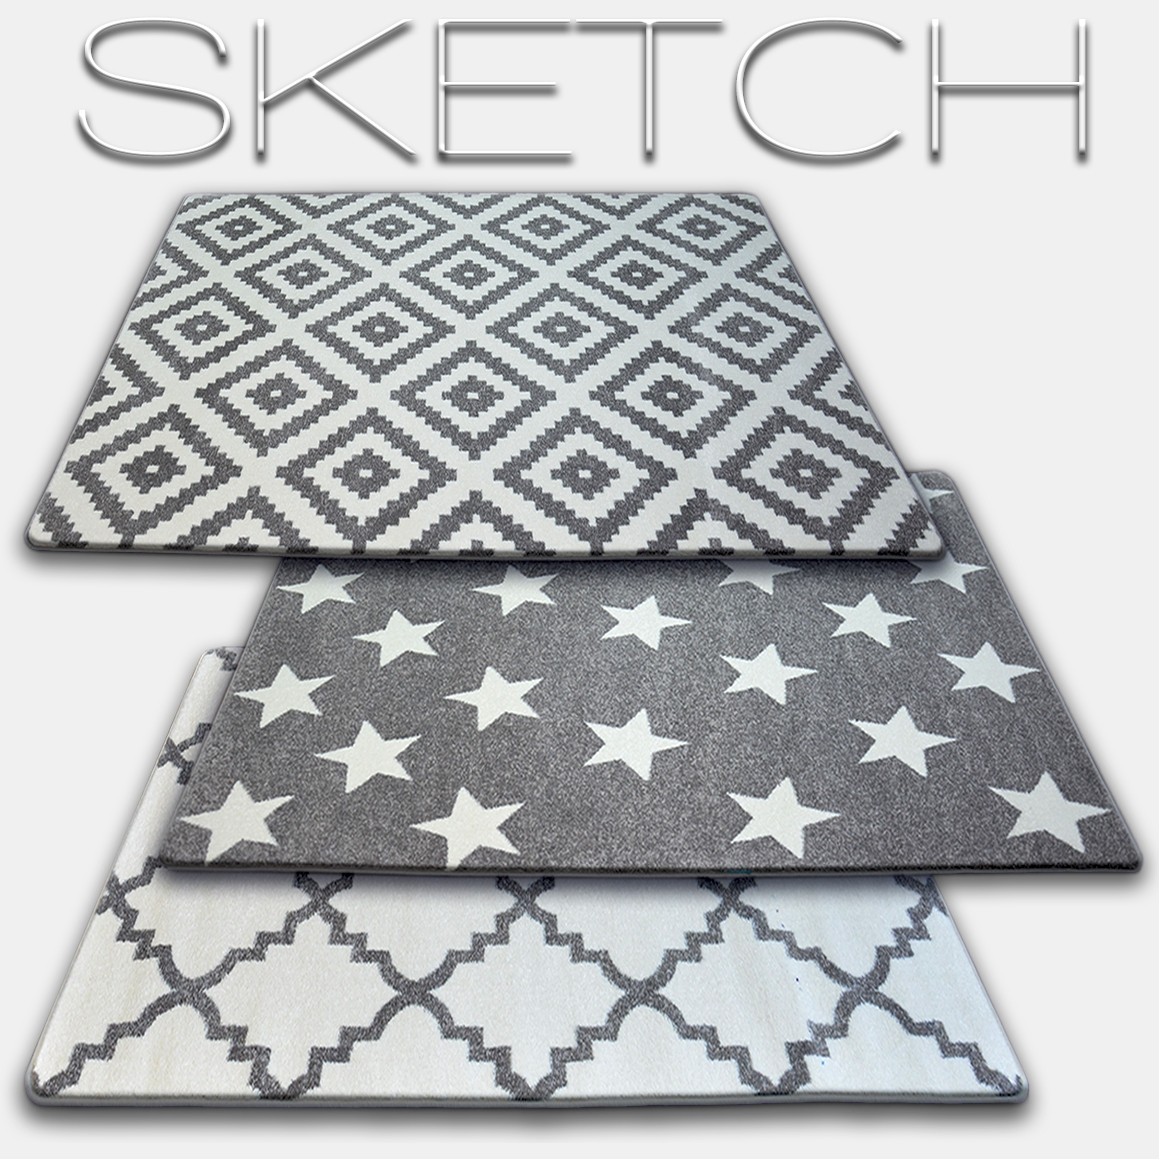 Dywany kolekcji Sketch grey